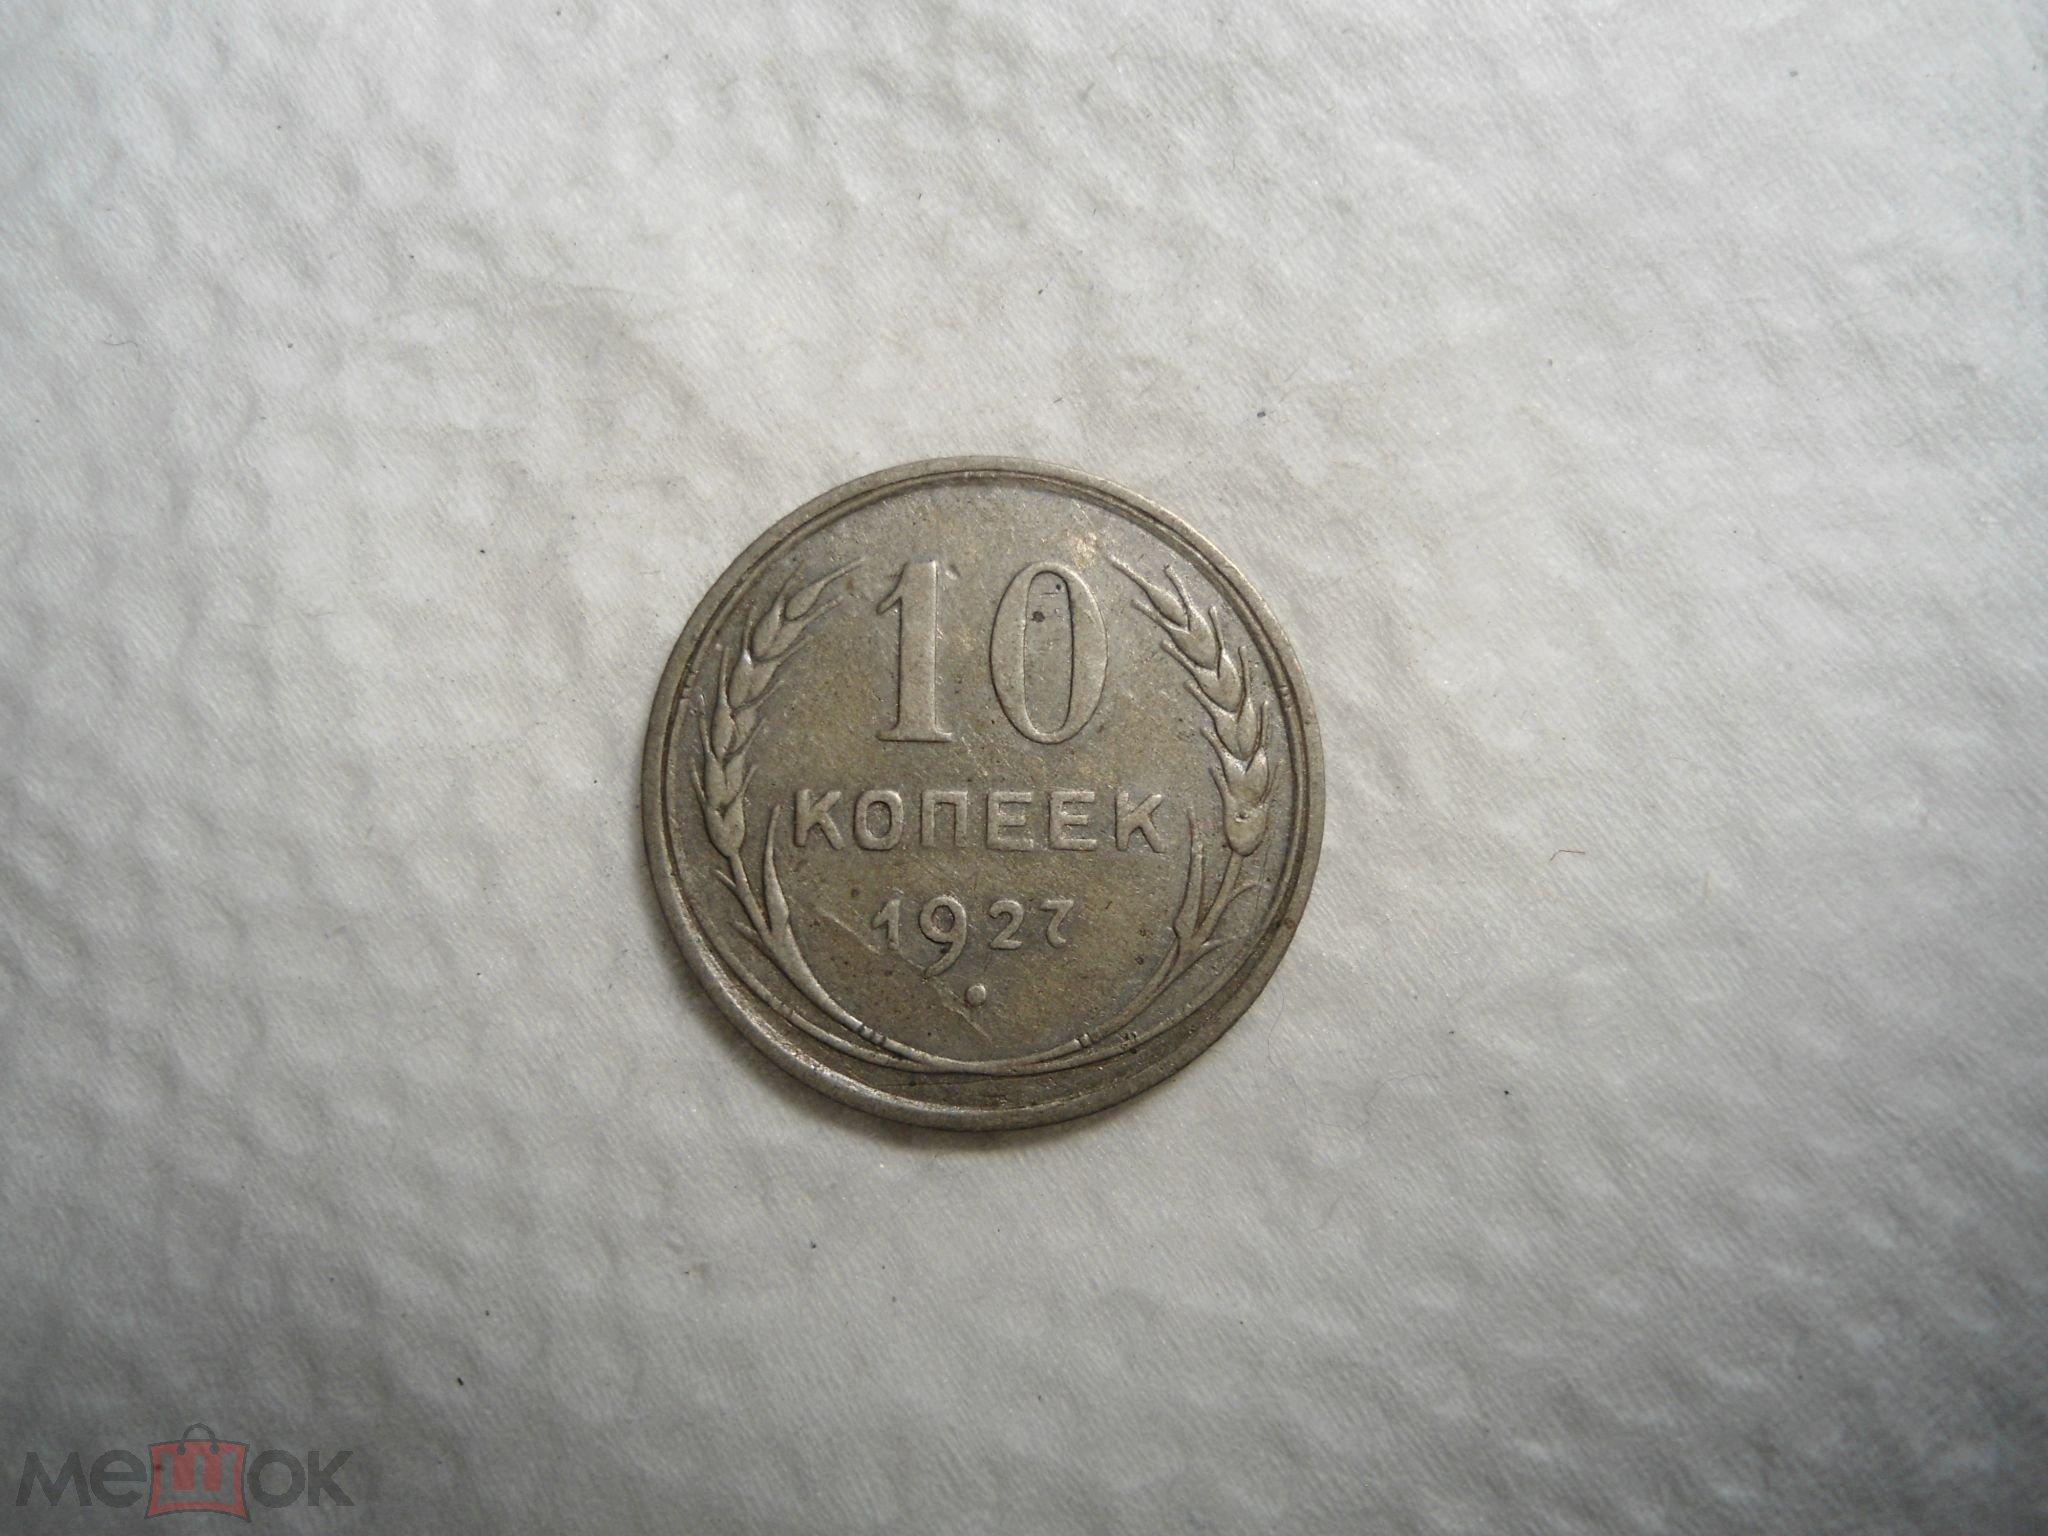 10 КОПЕЕК 1927 серебро МОНЕТА погодовка СССР Все лоты с 1 рубля Лоты объединяю (50)